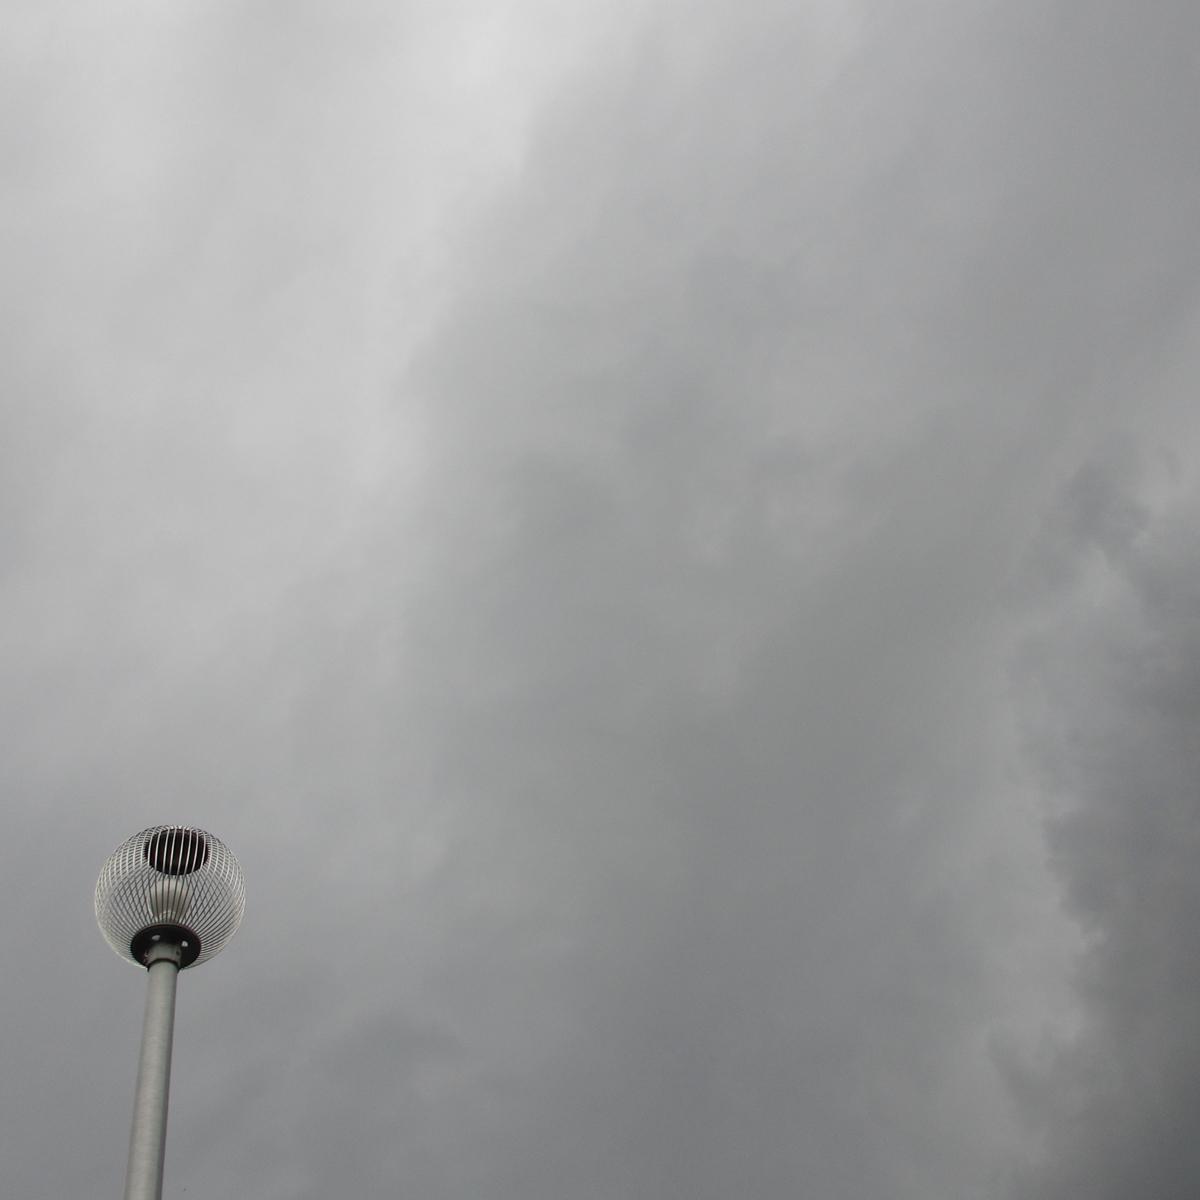 強風の一日!2015年7月1日(水)の空の写真 (4)